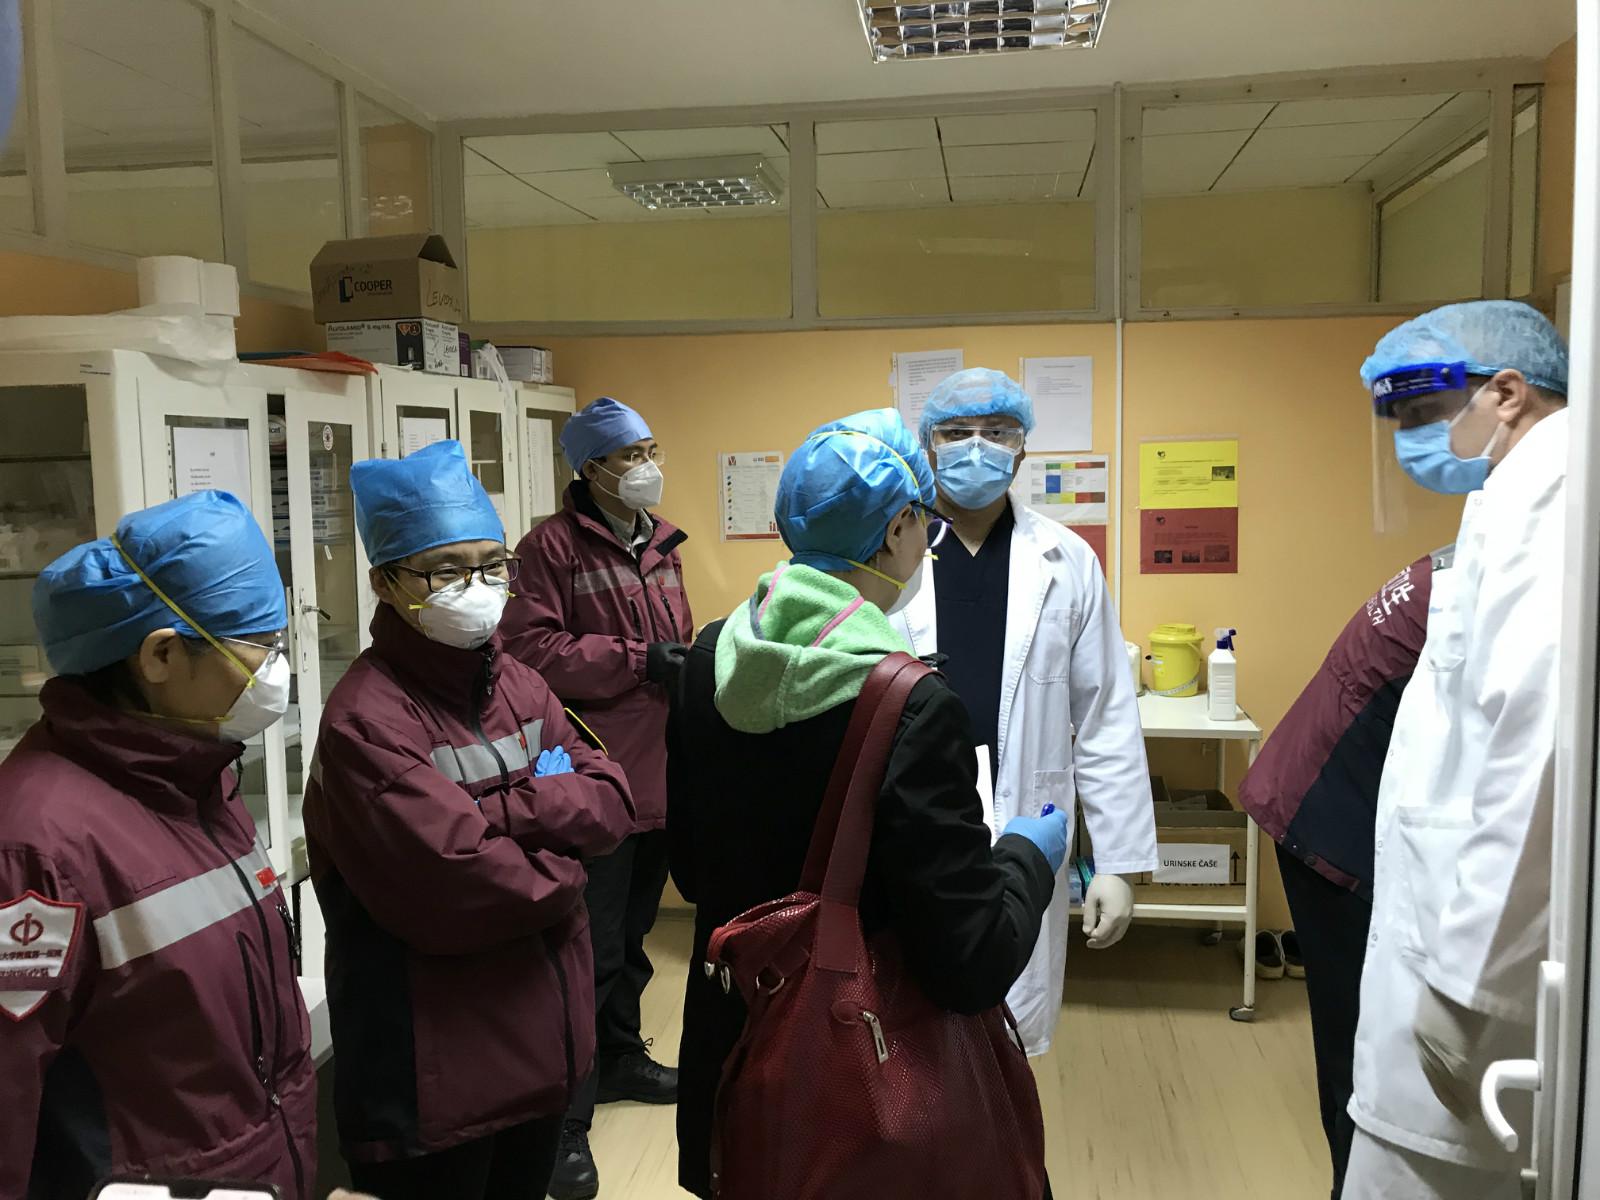 塞尔维亚新增新冠肺炎确诊病例445例 中国医疗队抵达弗尔沙茨市图片